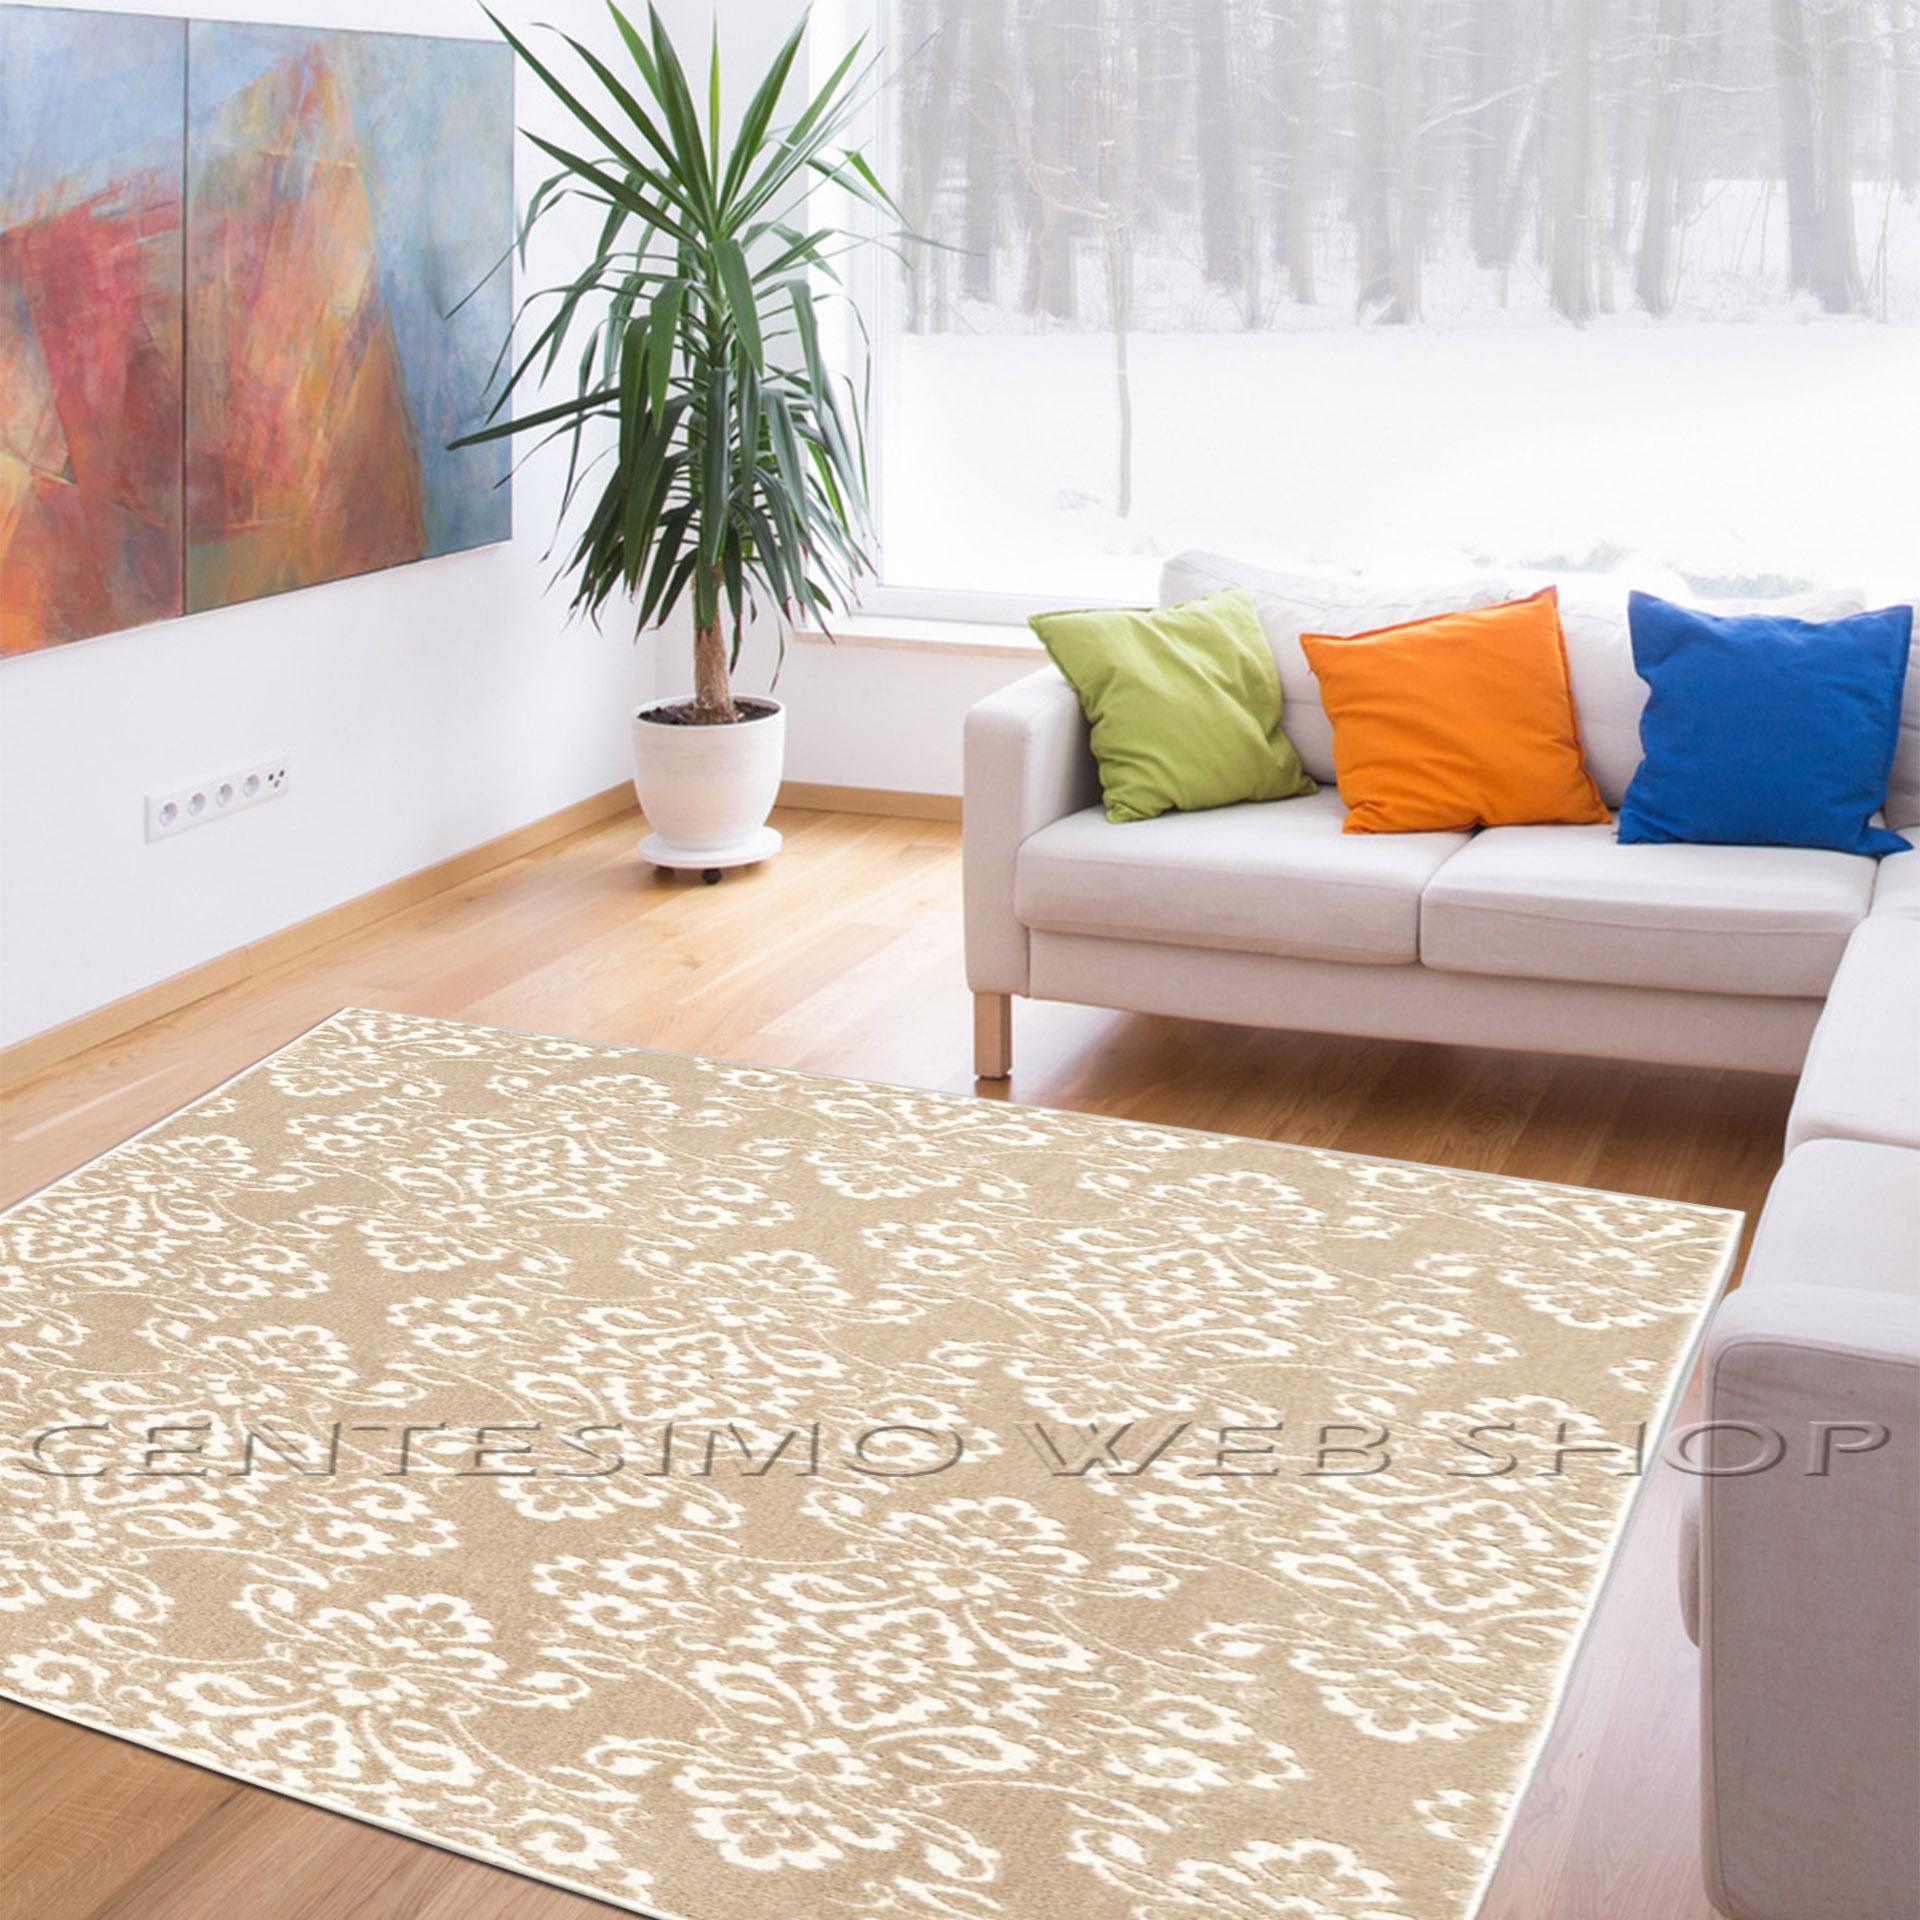 Tappeti salotto rosso idee per il design della casa for Tappeti per soggiorno online